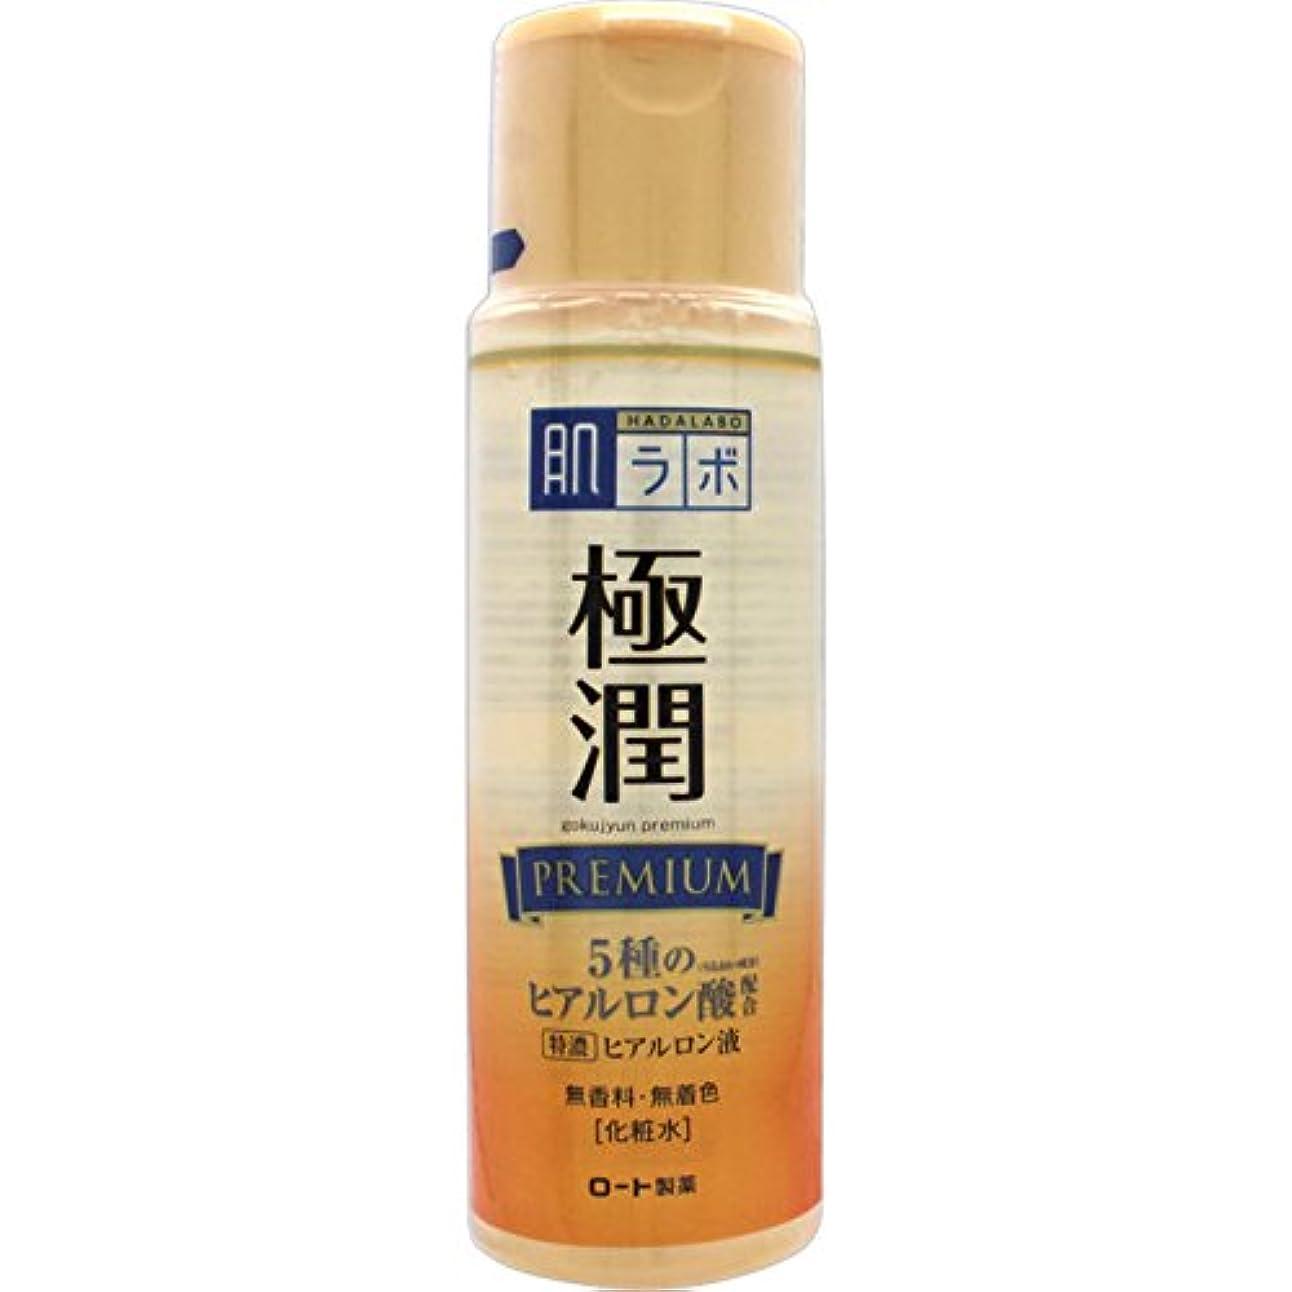 弾力性のある同様の厳しい肌ラボ 極潤プレミアム 特濃ヒアルロン酸 化粧水 ヒアルロン酸5種類×サクラン配合 170mL